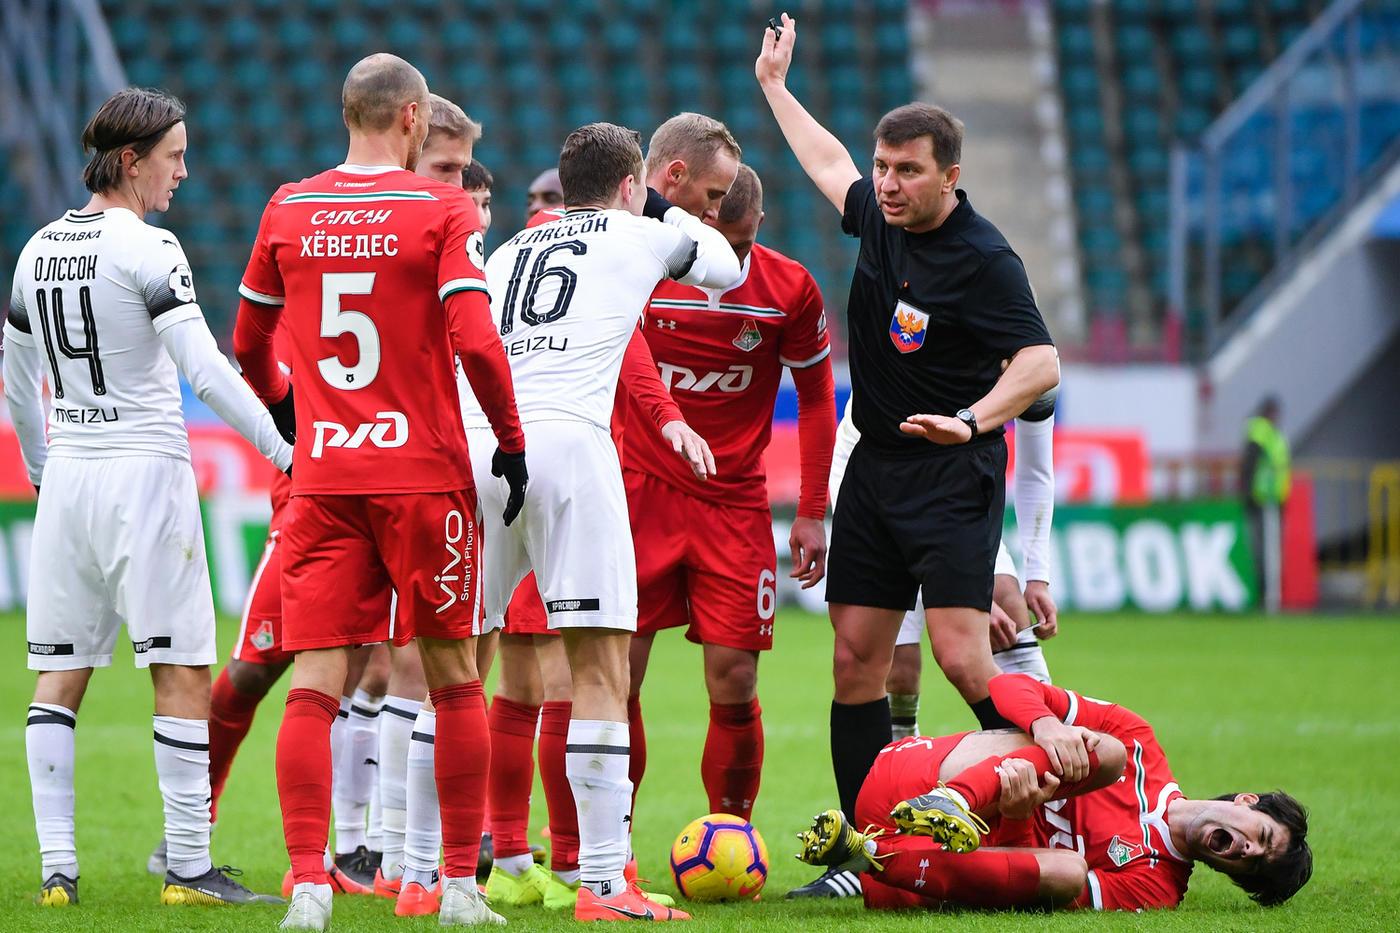 В РПЛ признали ошибку Вилкова в матче «Краснодар» - «Локомотив» - фото